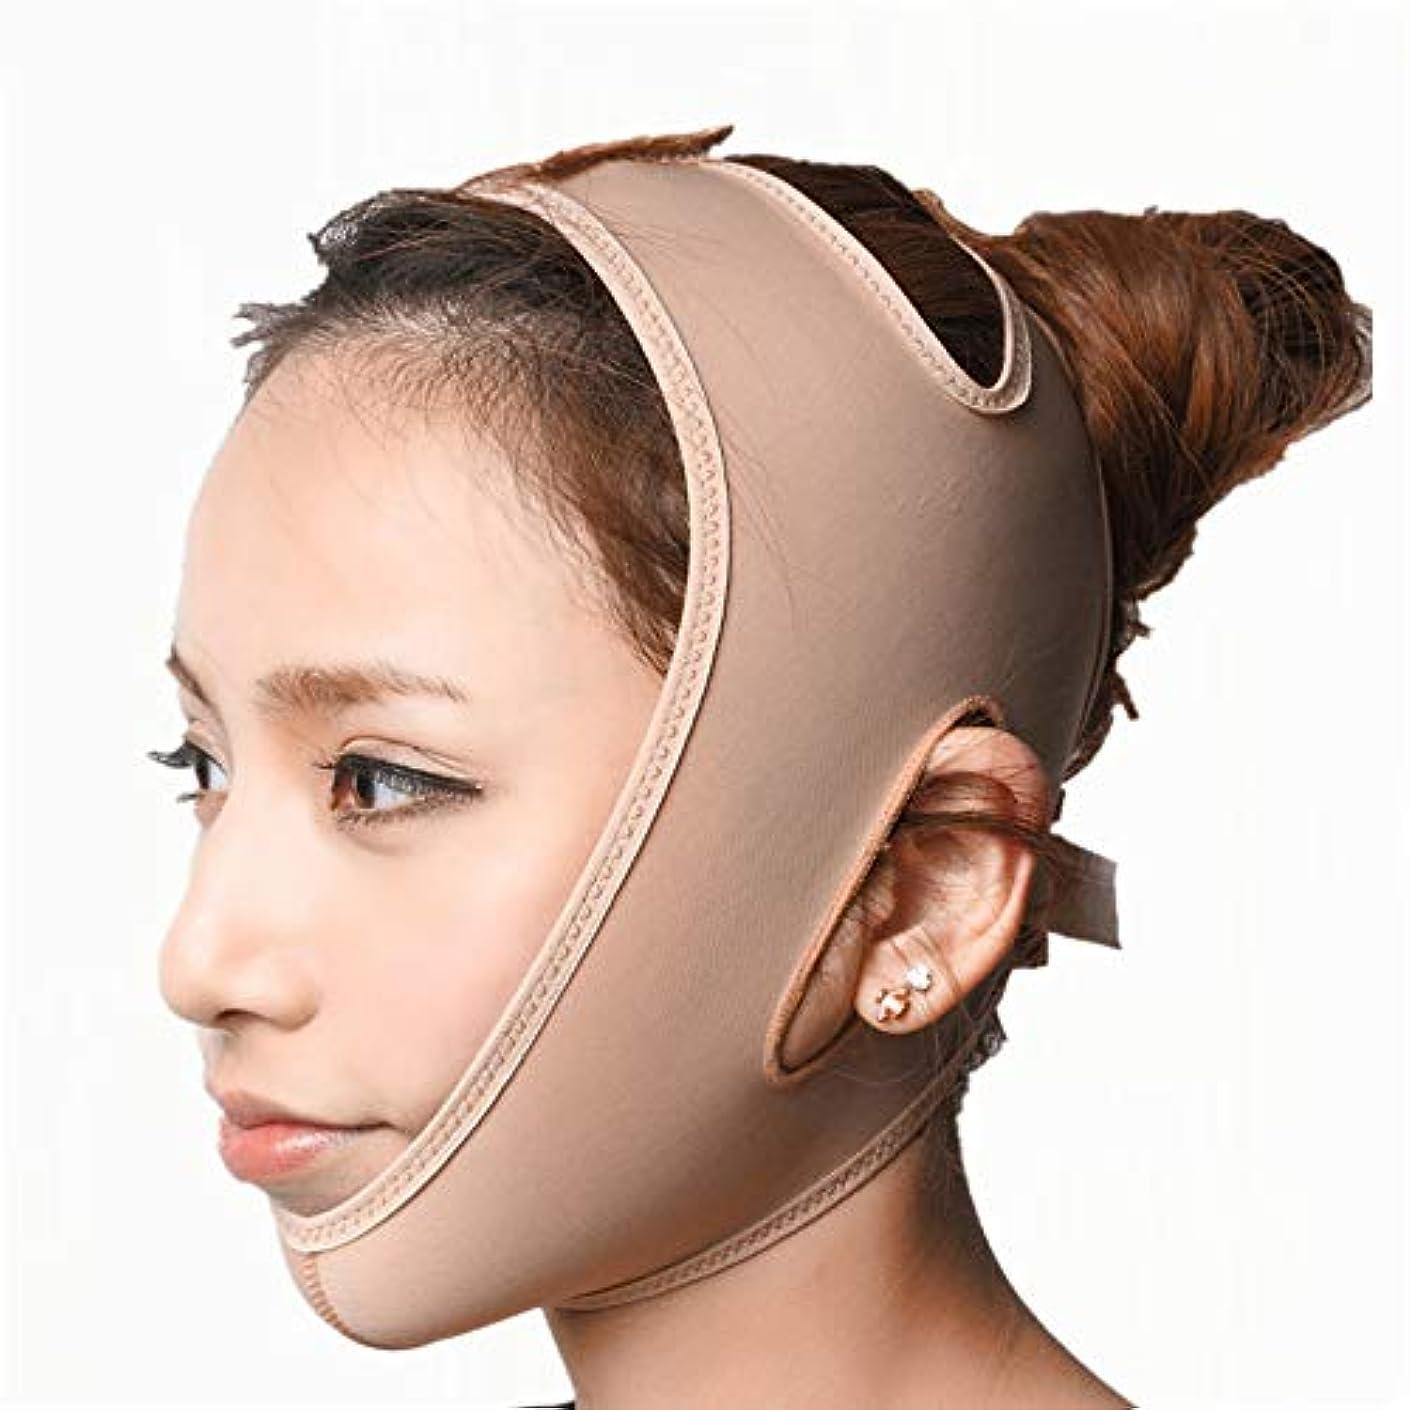 ゲーム批判宇宙フェイスリフトベルト 薄い顔のベルト - 薄い顔のアーチファクトVの顔の包帯マスクの顔のマッサージャー薄いダブルの顎のデバイス